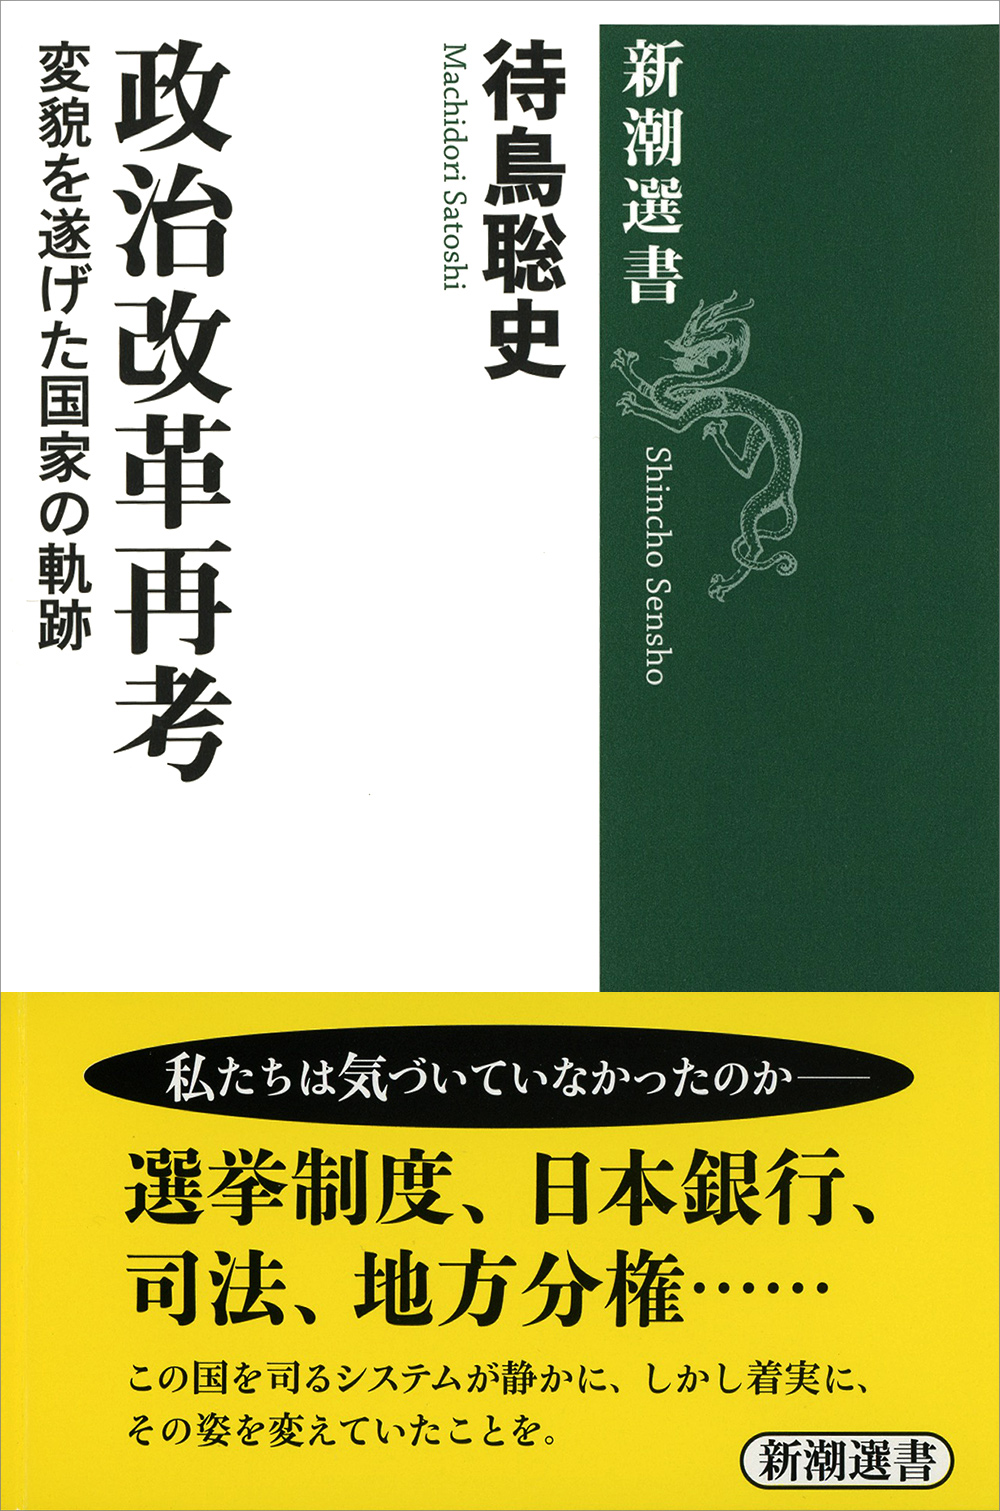 待鳥聡史著『政治改革再考─変貌を遂げた国家の軌跡』